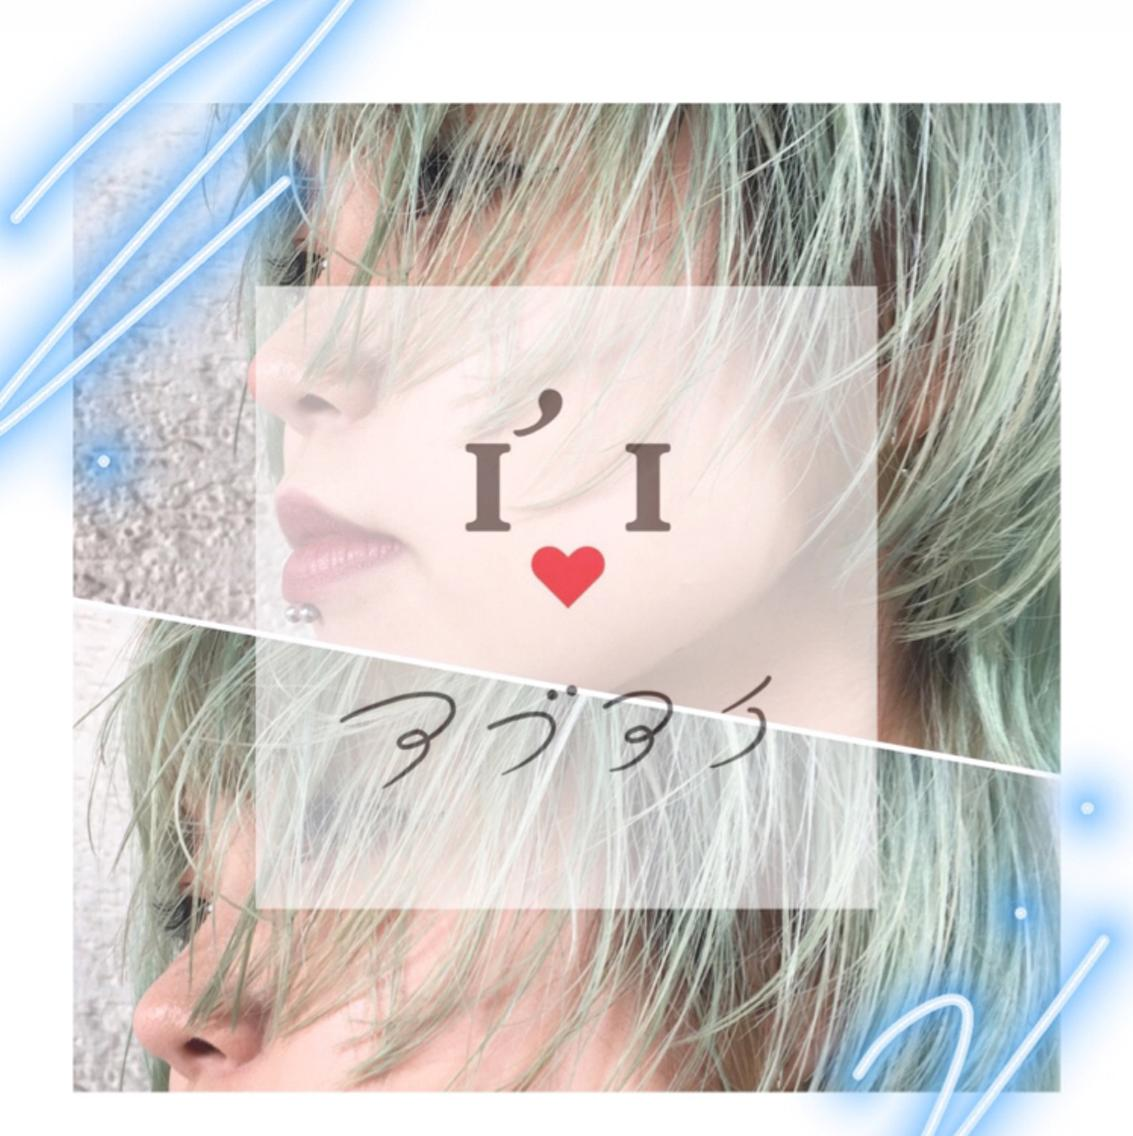 アブアイ【IloveI】所属・ℹ︎LOVEℹ︎スタイリス's🦋の掲載